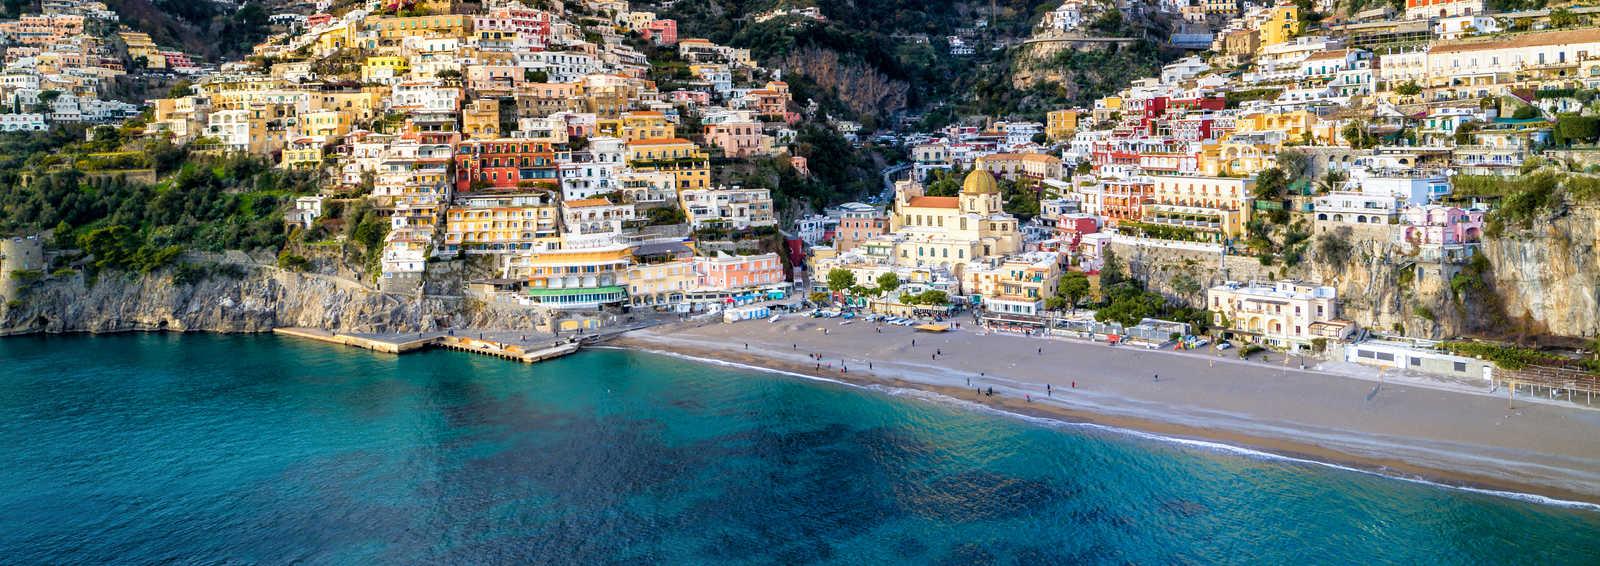 Bust on display on the Amalfi Coast, Italy